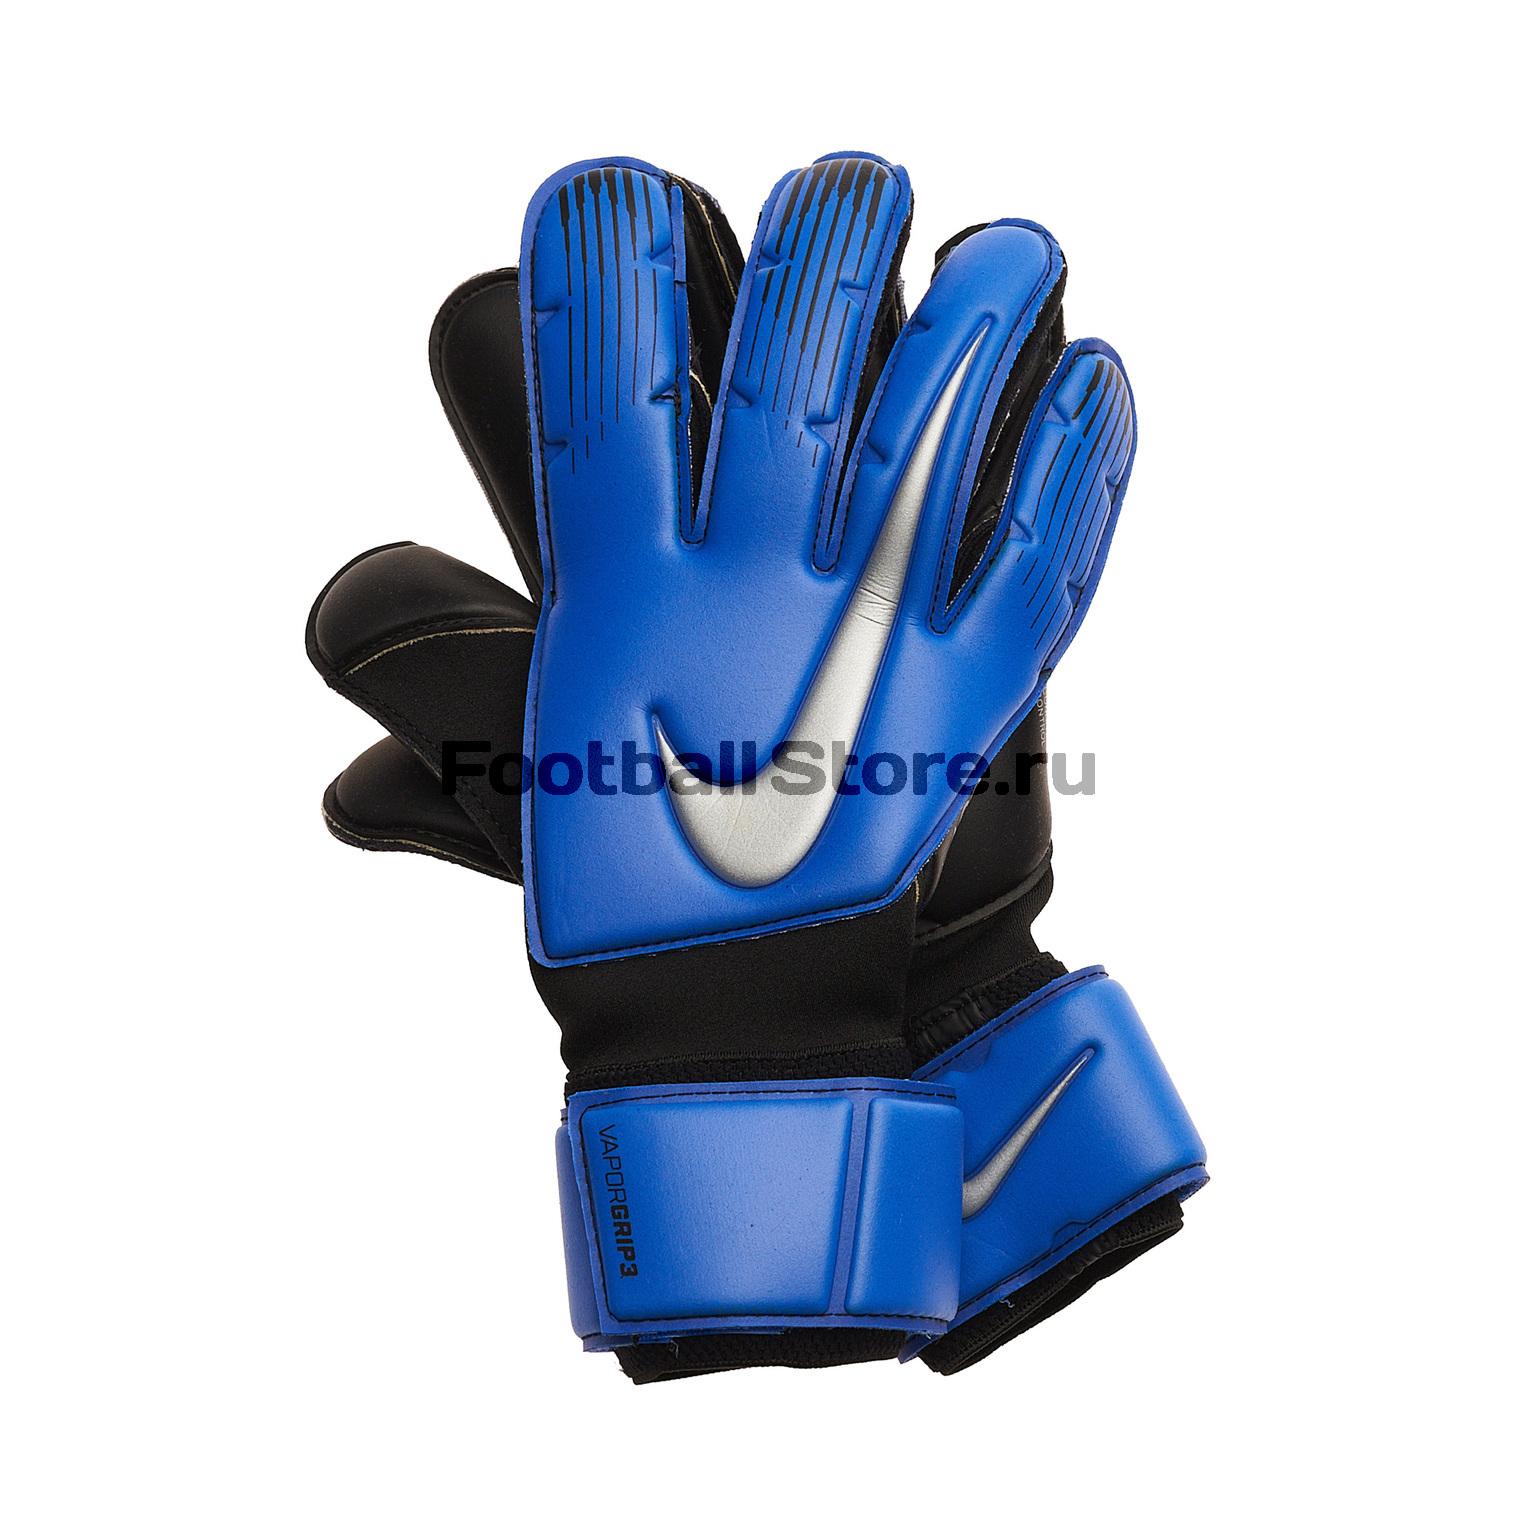 Перчатки вратарские Nike GK Vapor CGP3-New GS0352-410 клюшка для гольфа nike vapor pro 2015